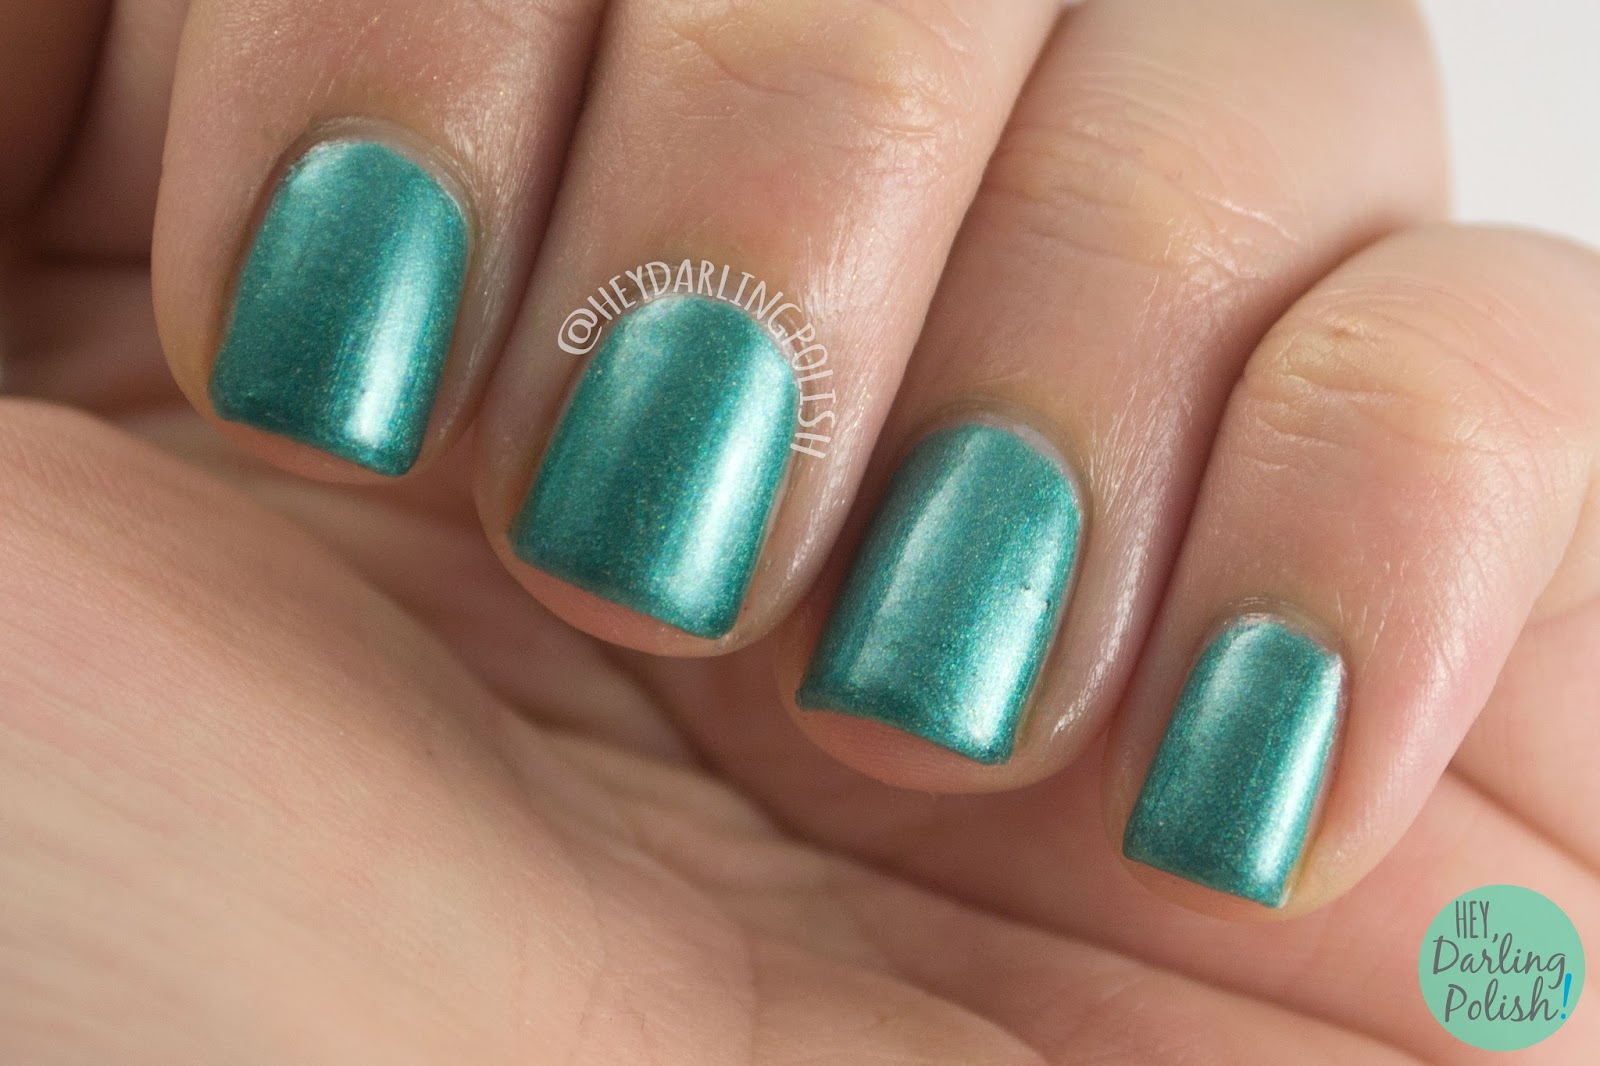 teal, bff, nails, nail polish, indie, indie polish, kitty polish, hey darling polish, swatch, shimmer